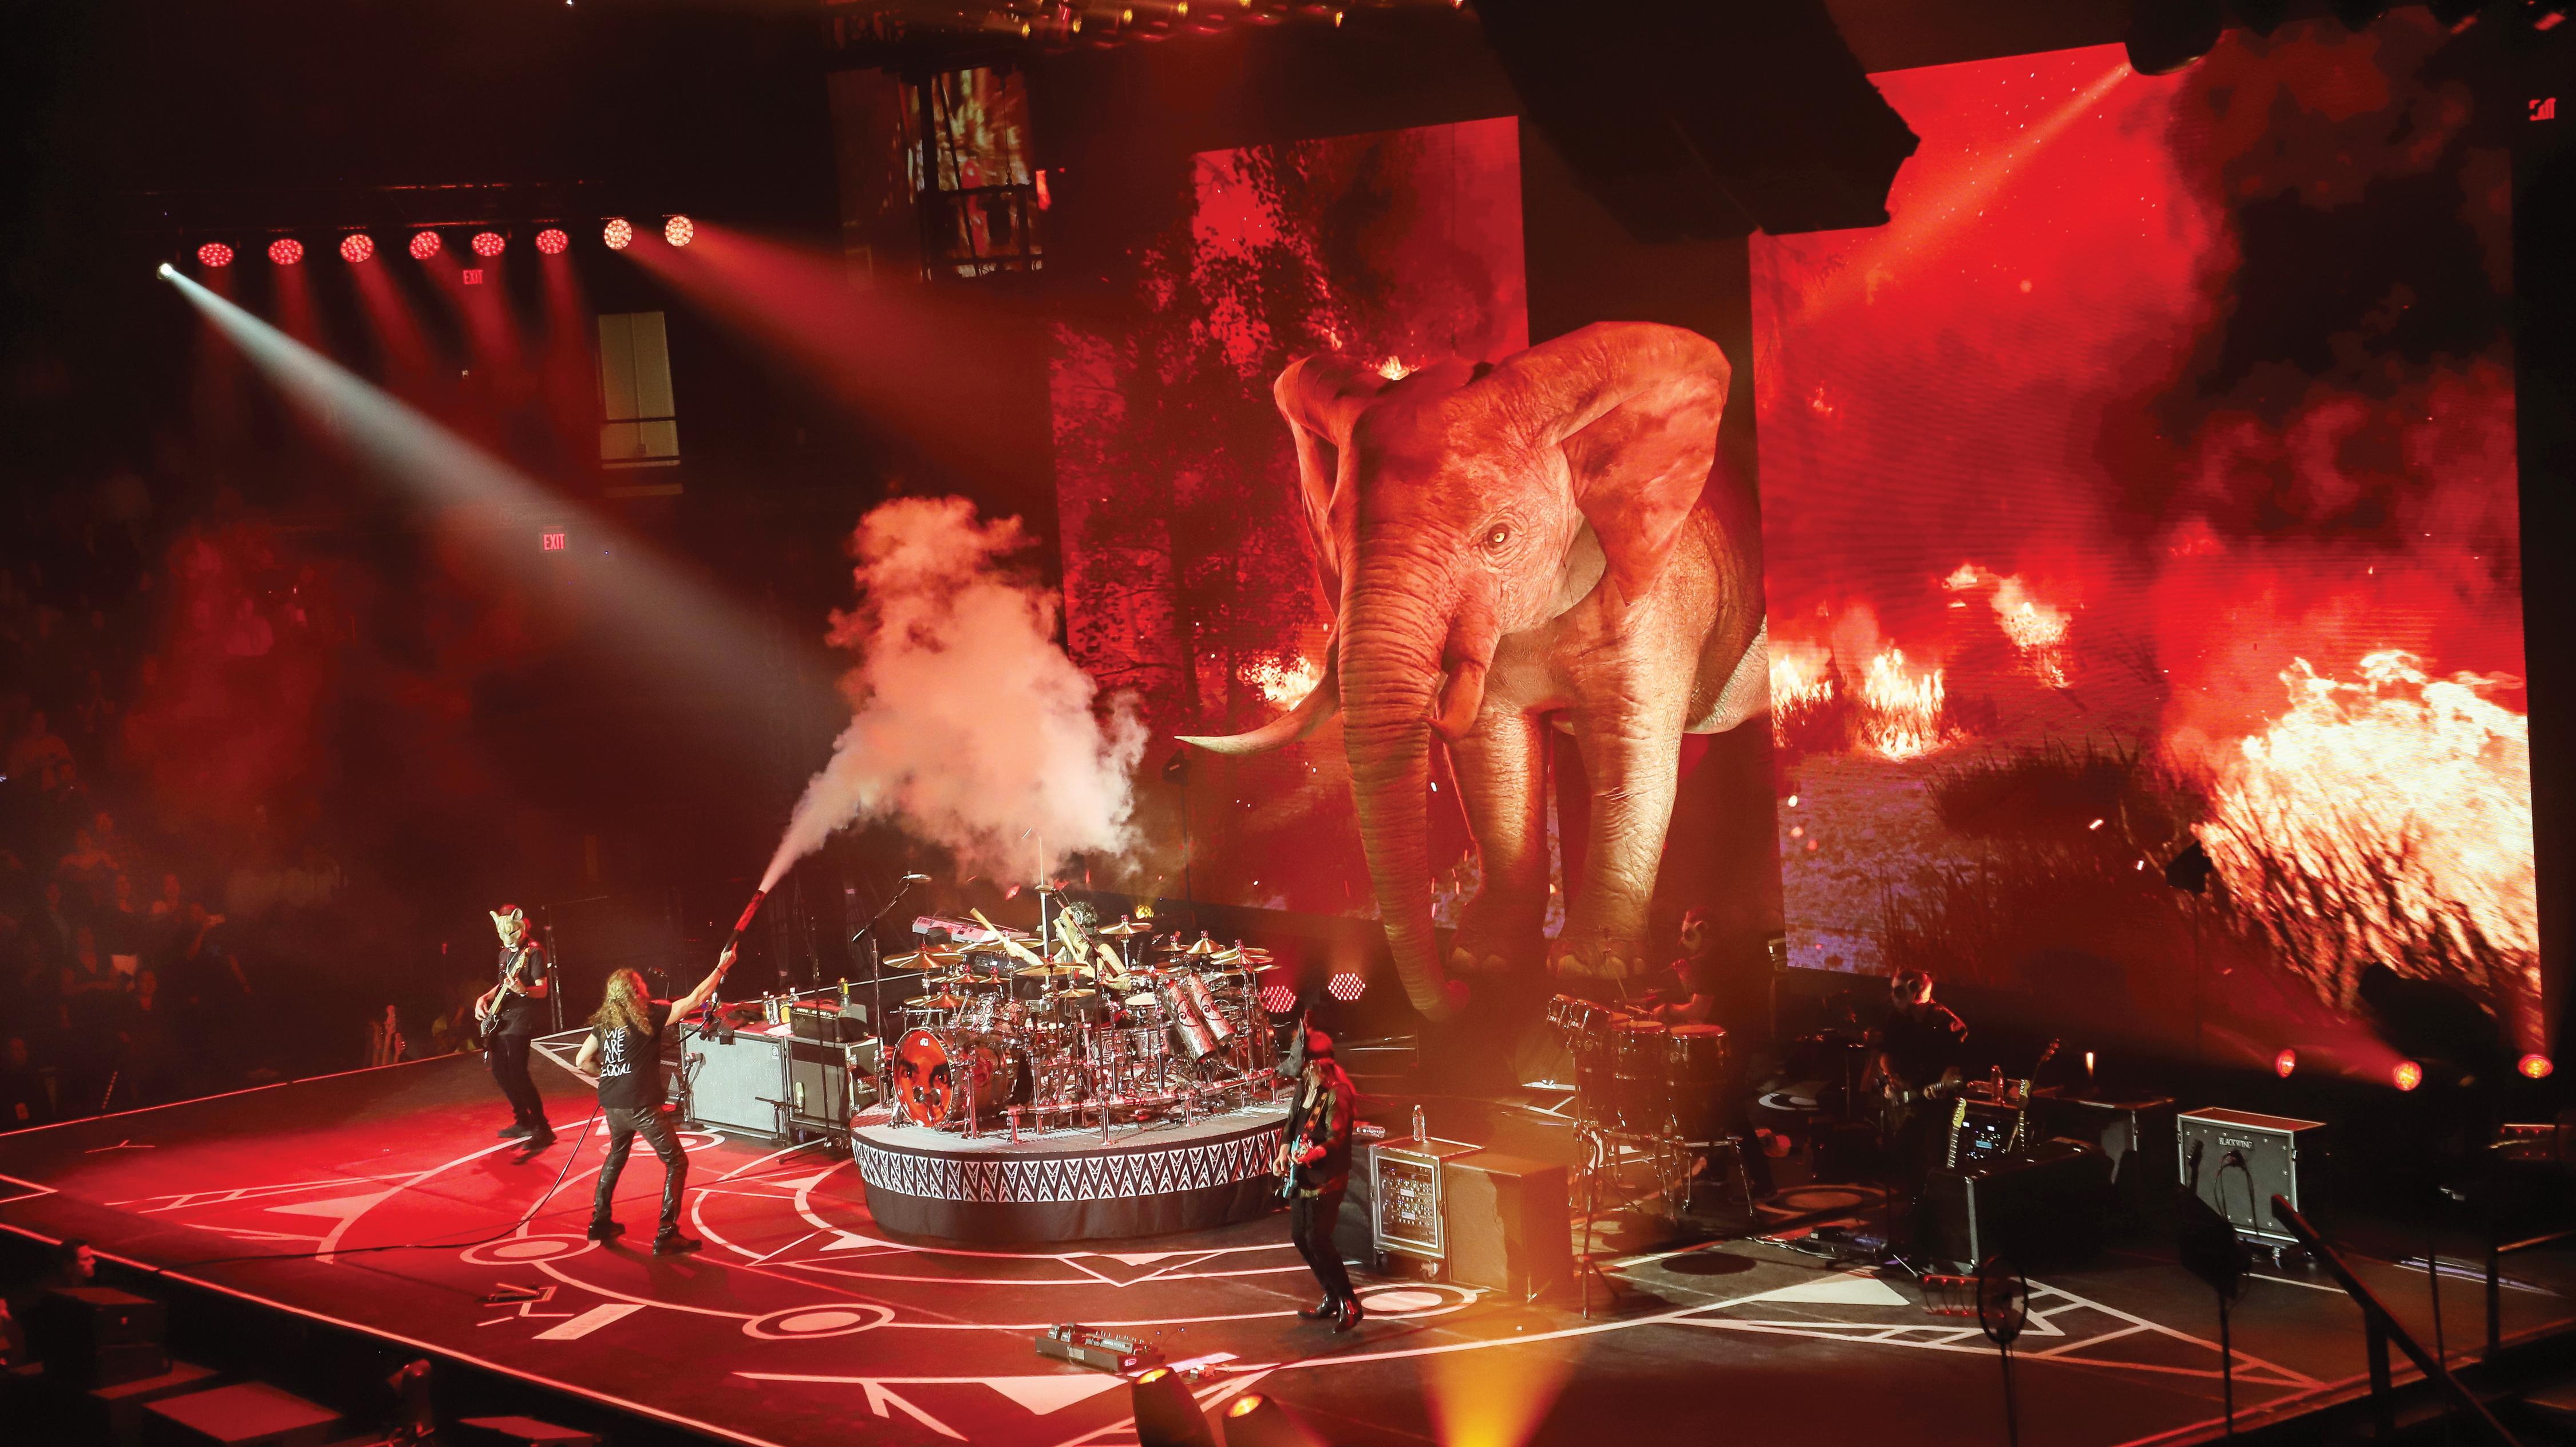 MANÁ brinda apoteósico concierto de Rock Latino